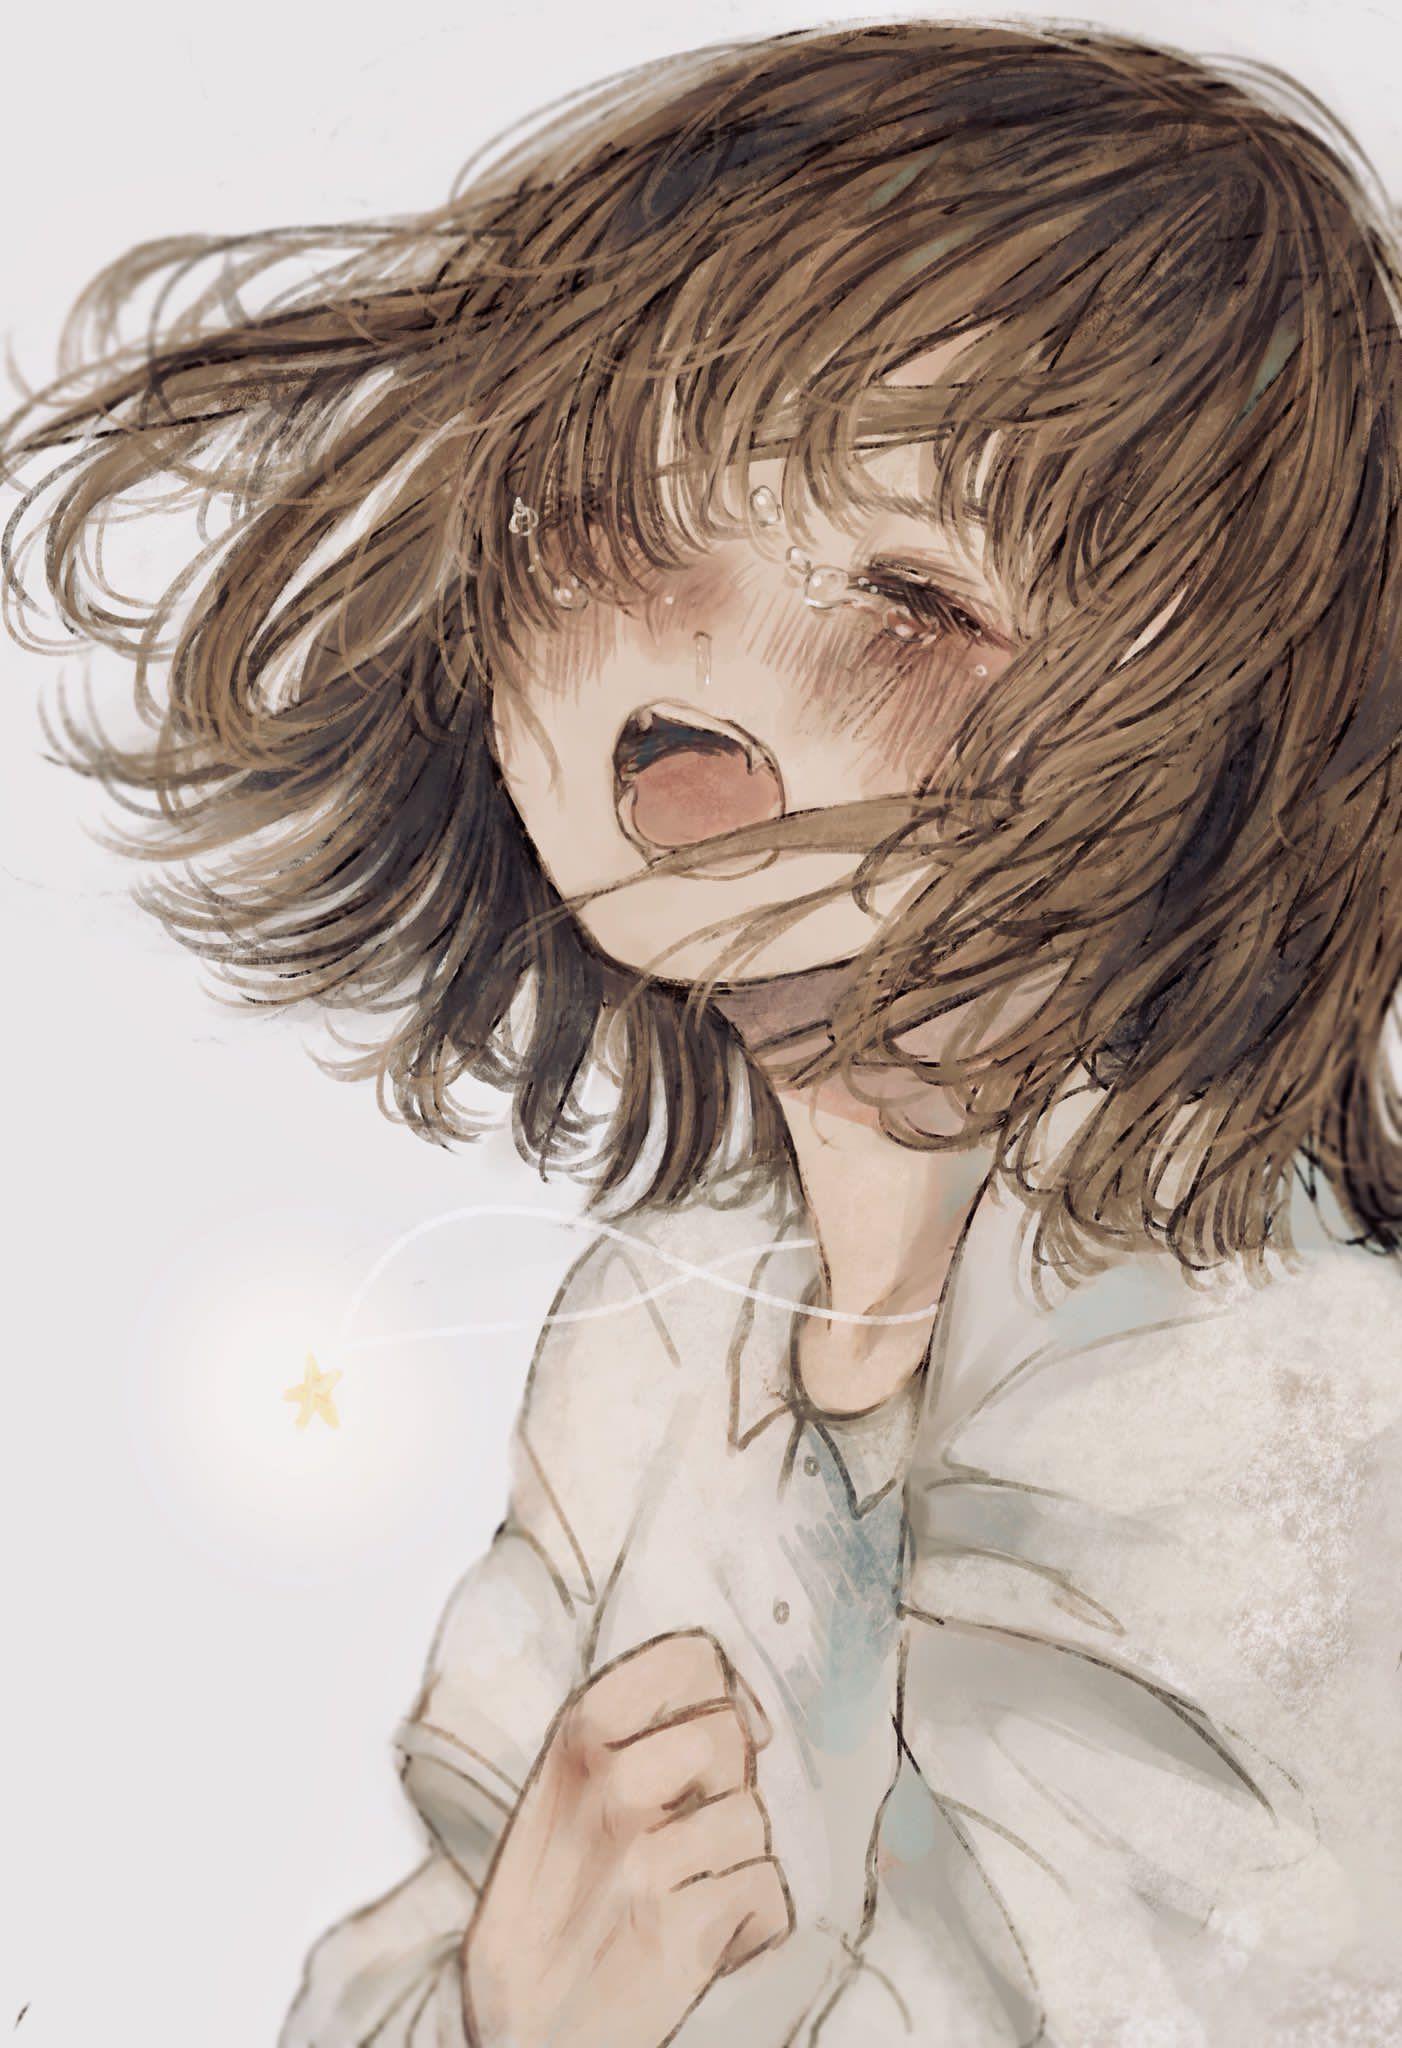 Картинки девушки аниме которая плачет